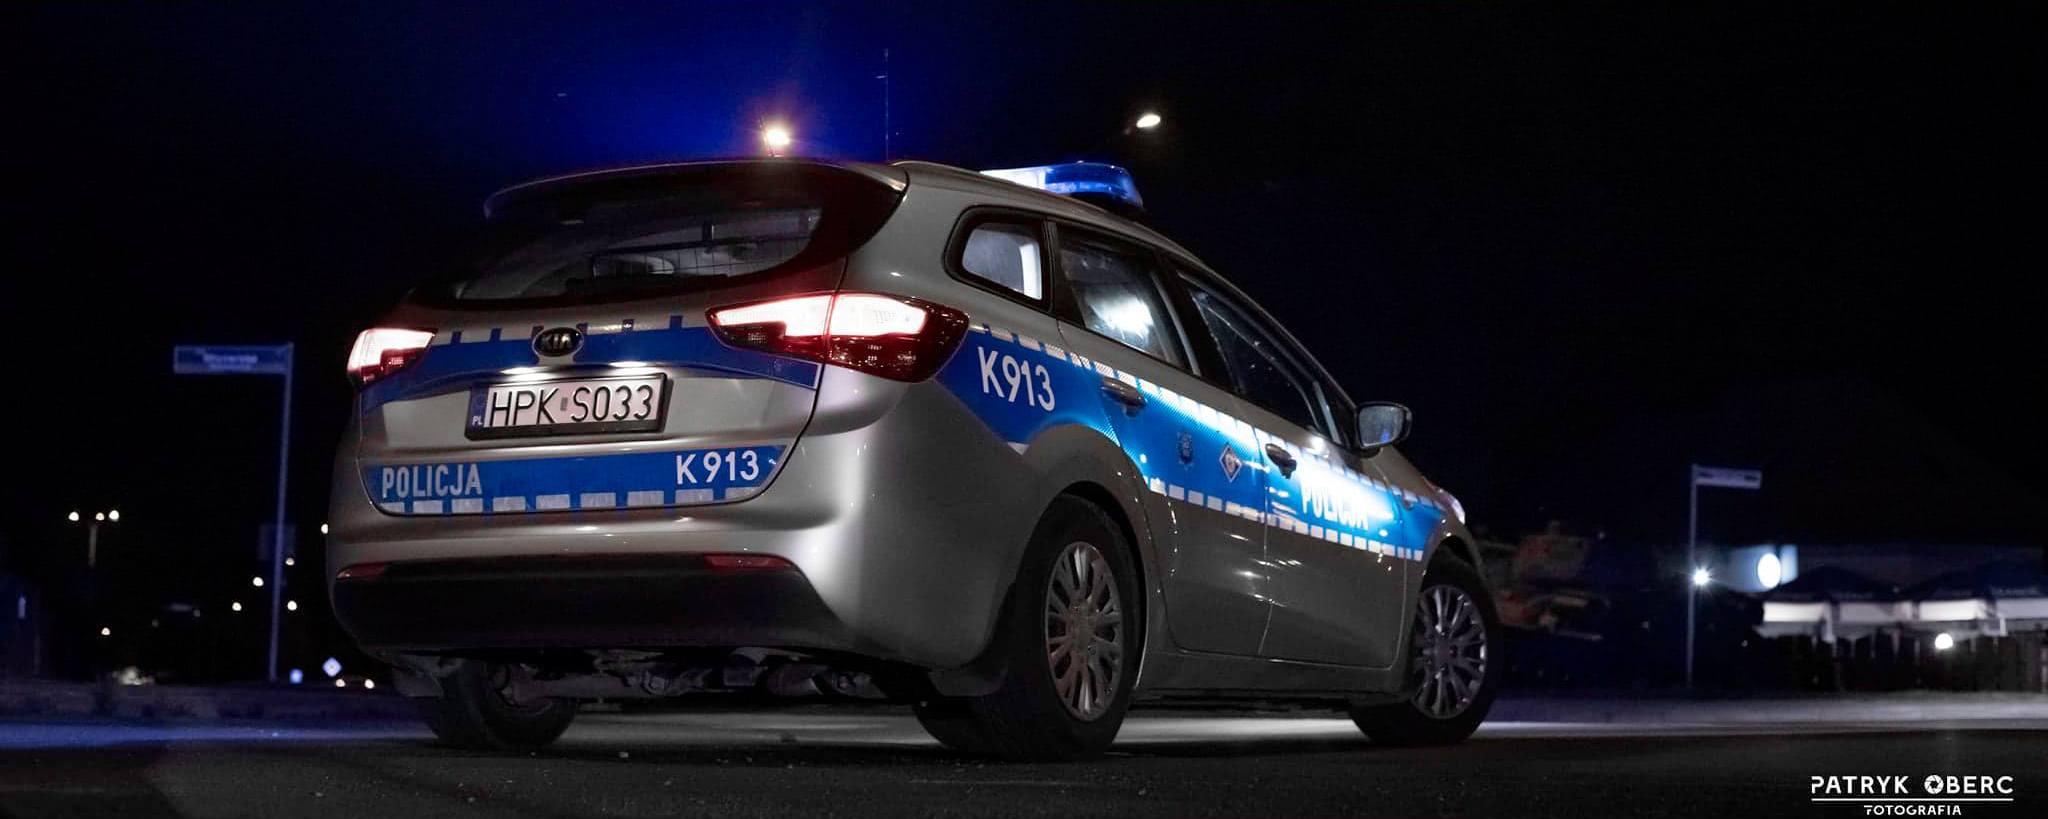 SANOK: Nietrzeźwa 16-latka kierowała pojazdem. Na widok radiowozu spanikowała! - Zdjęcie główne